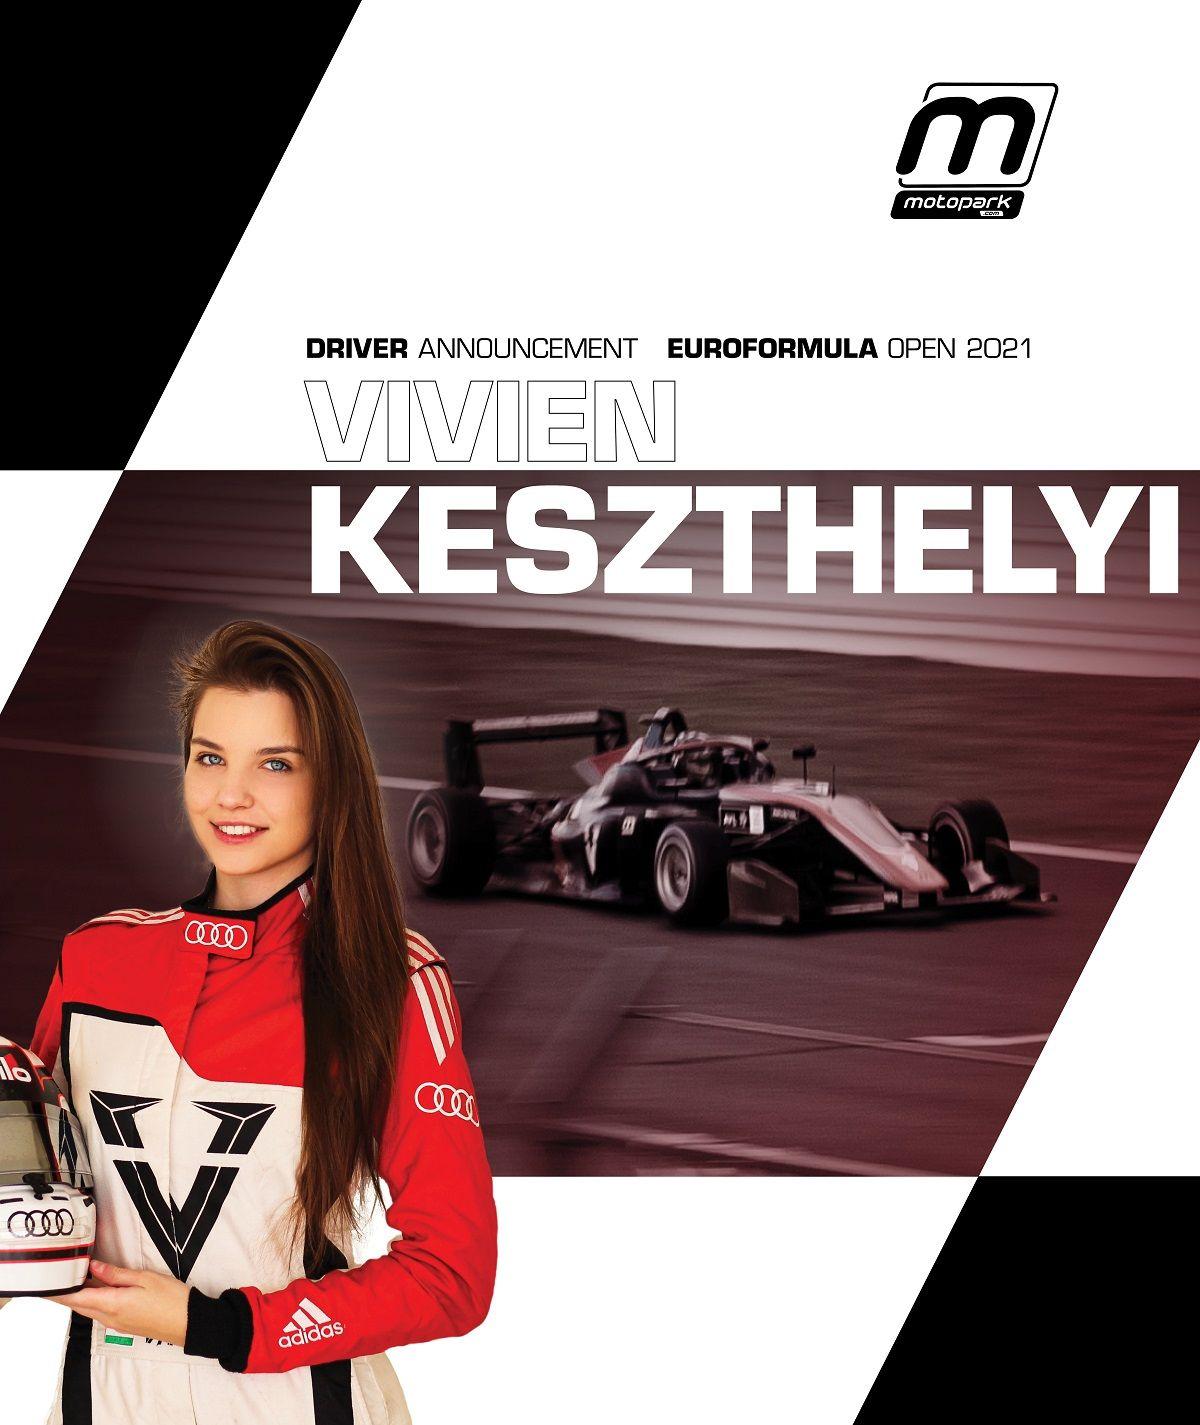 Vivien-Keszthelyi_Formula-3_Euroformula-Open_F3_Hungarian_female-pilot